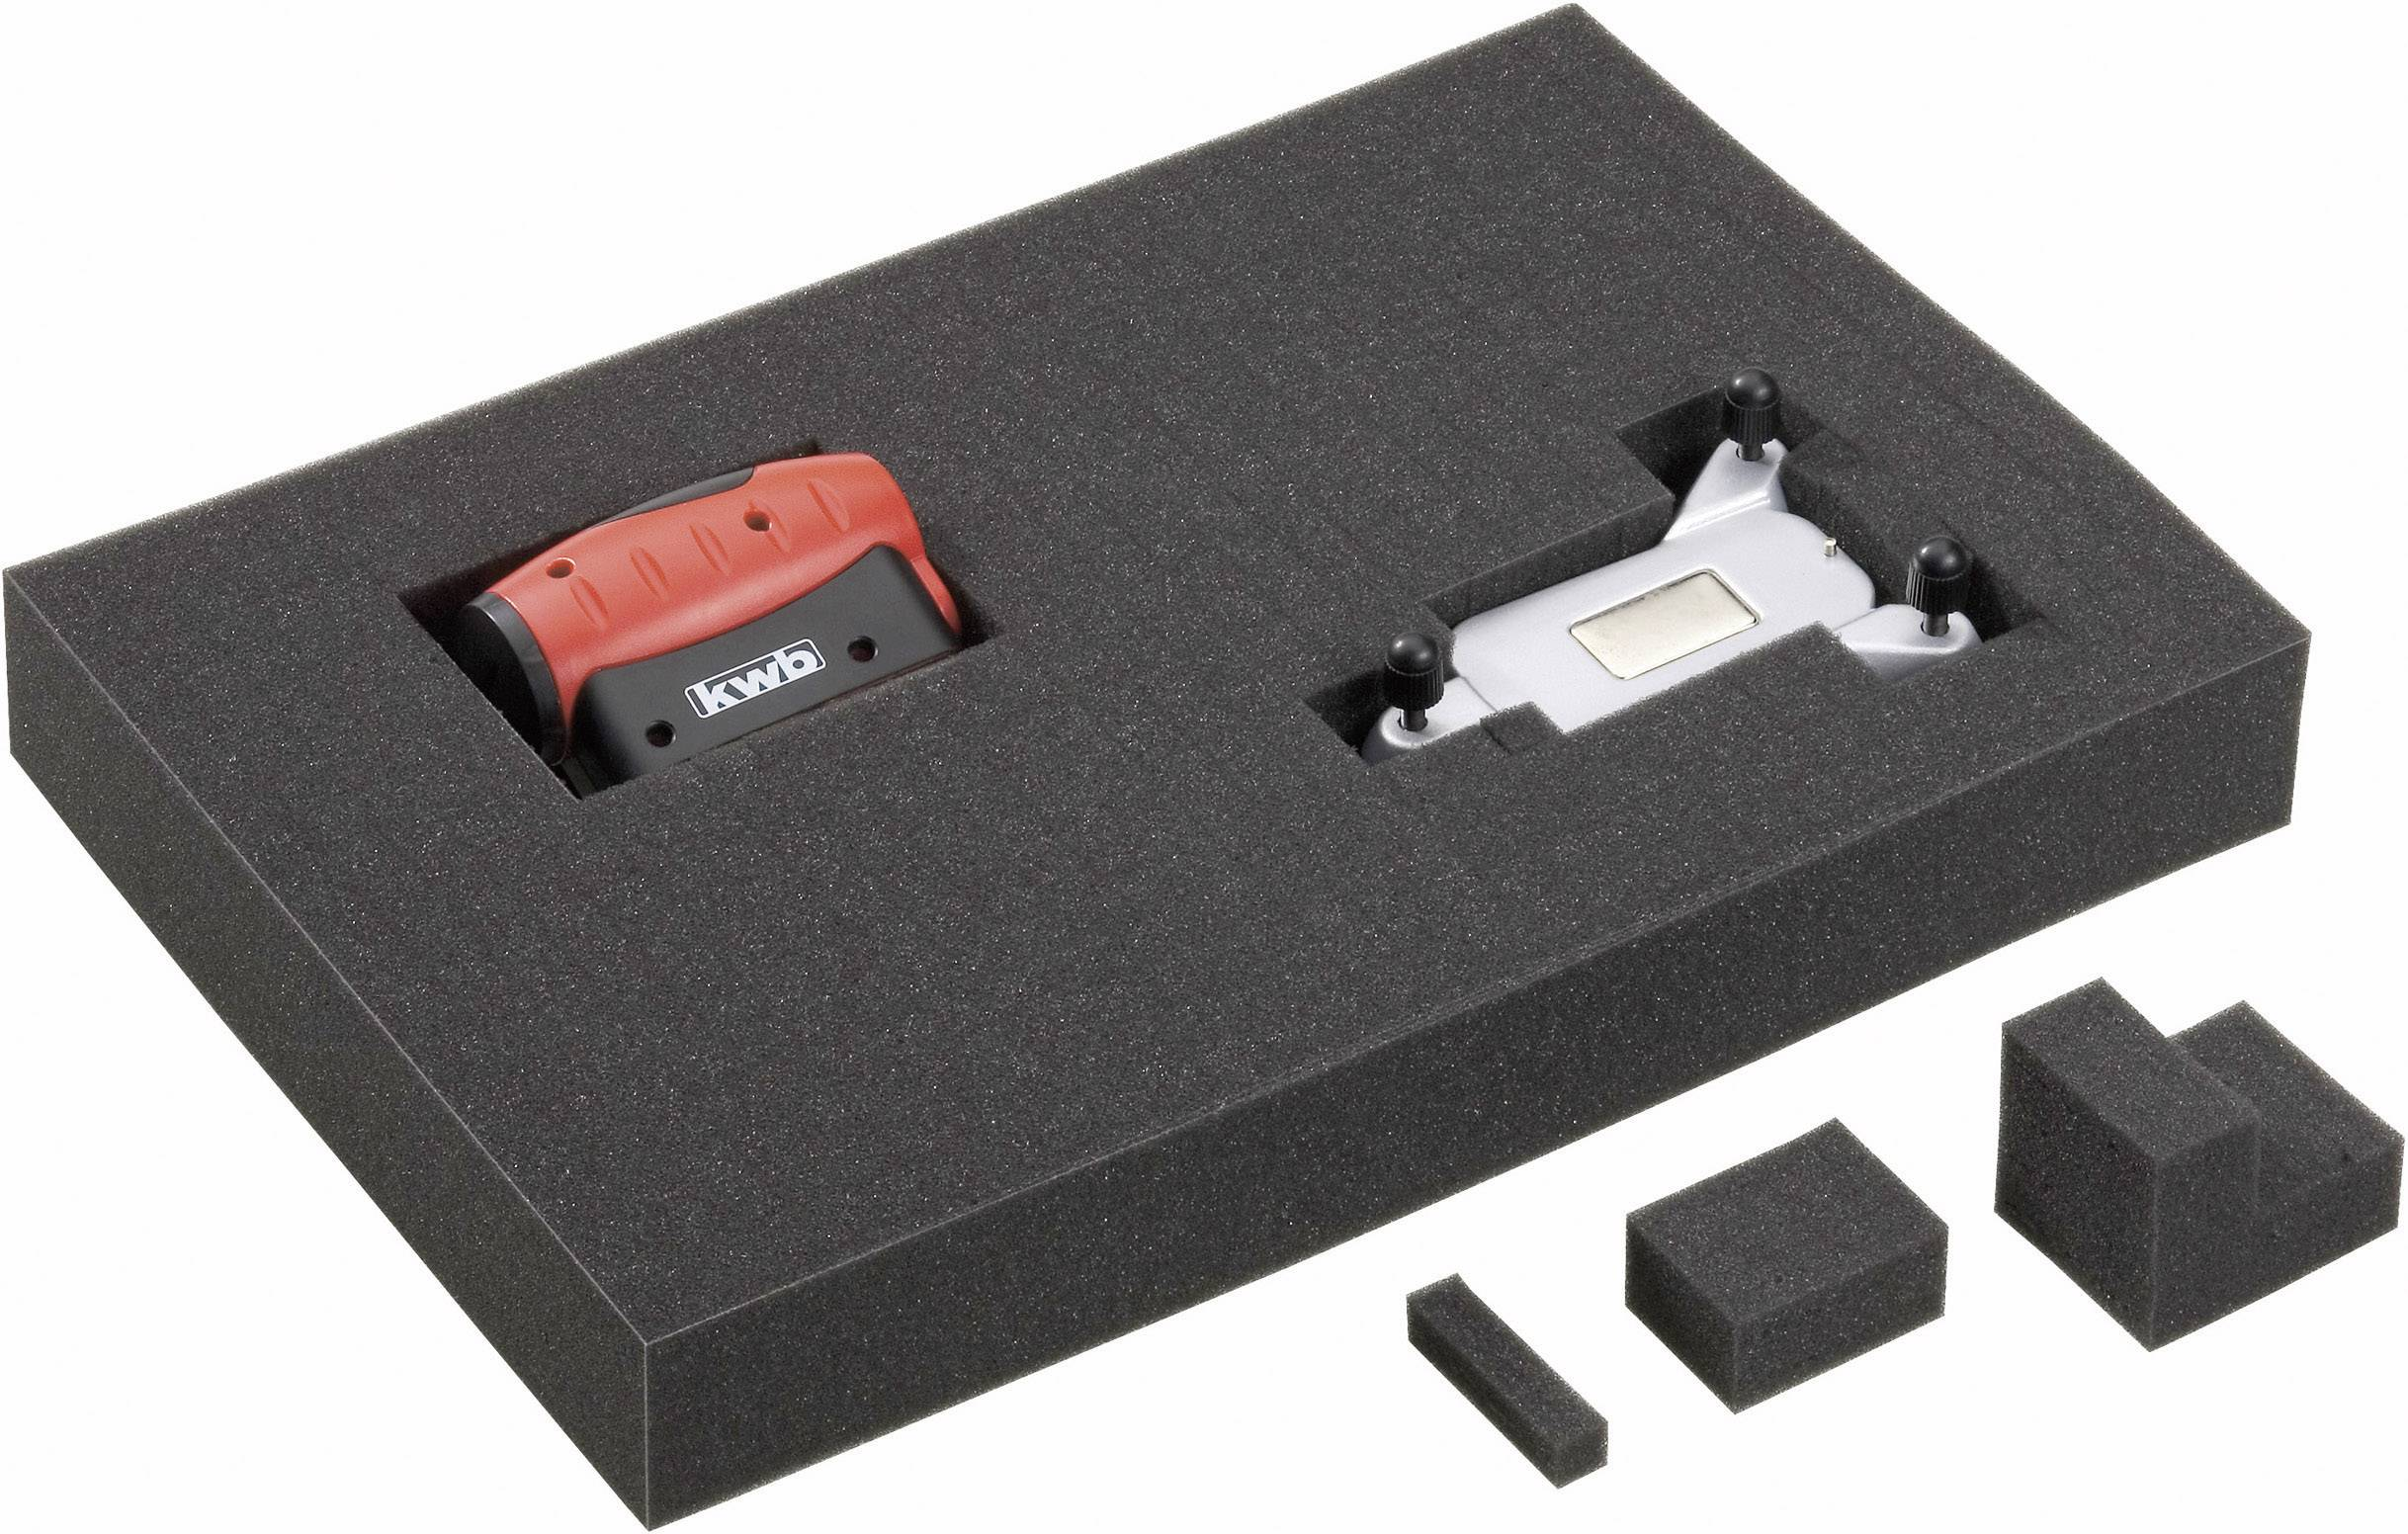 Podložka z pěnové hmoty Toolcraft, 455 x 320 x 60 mm